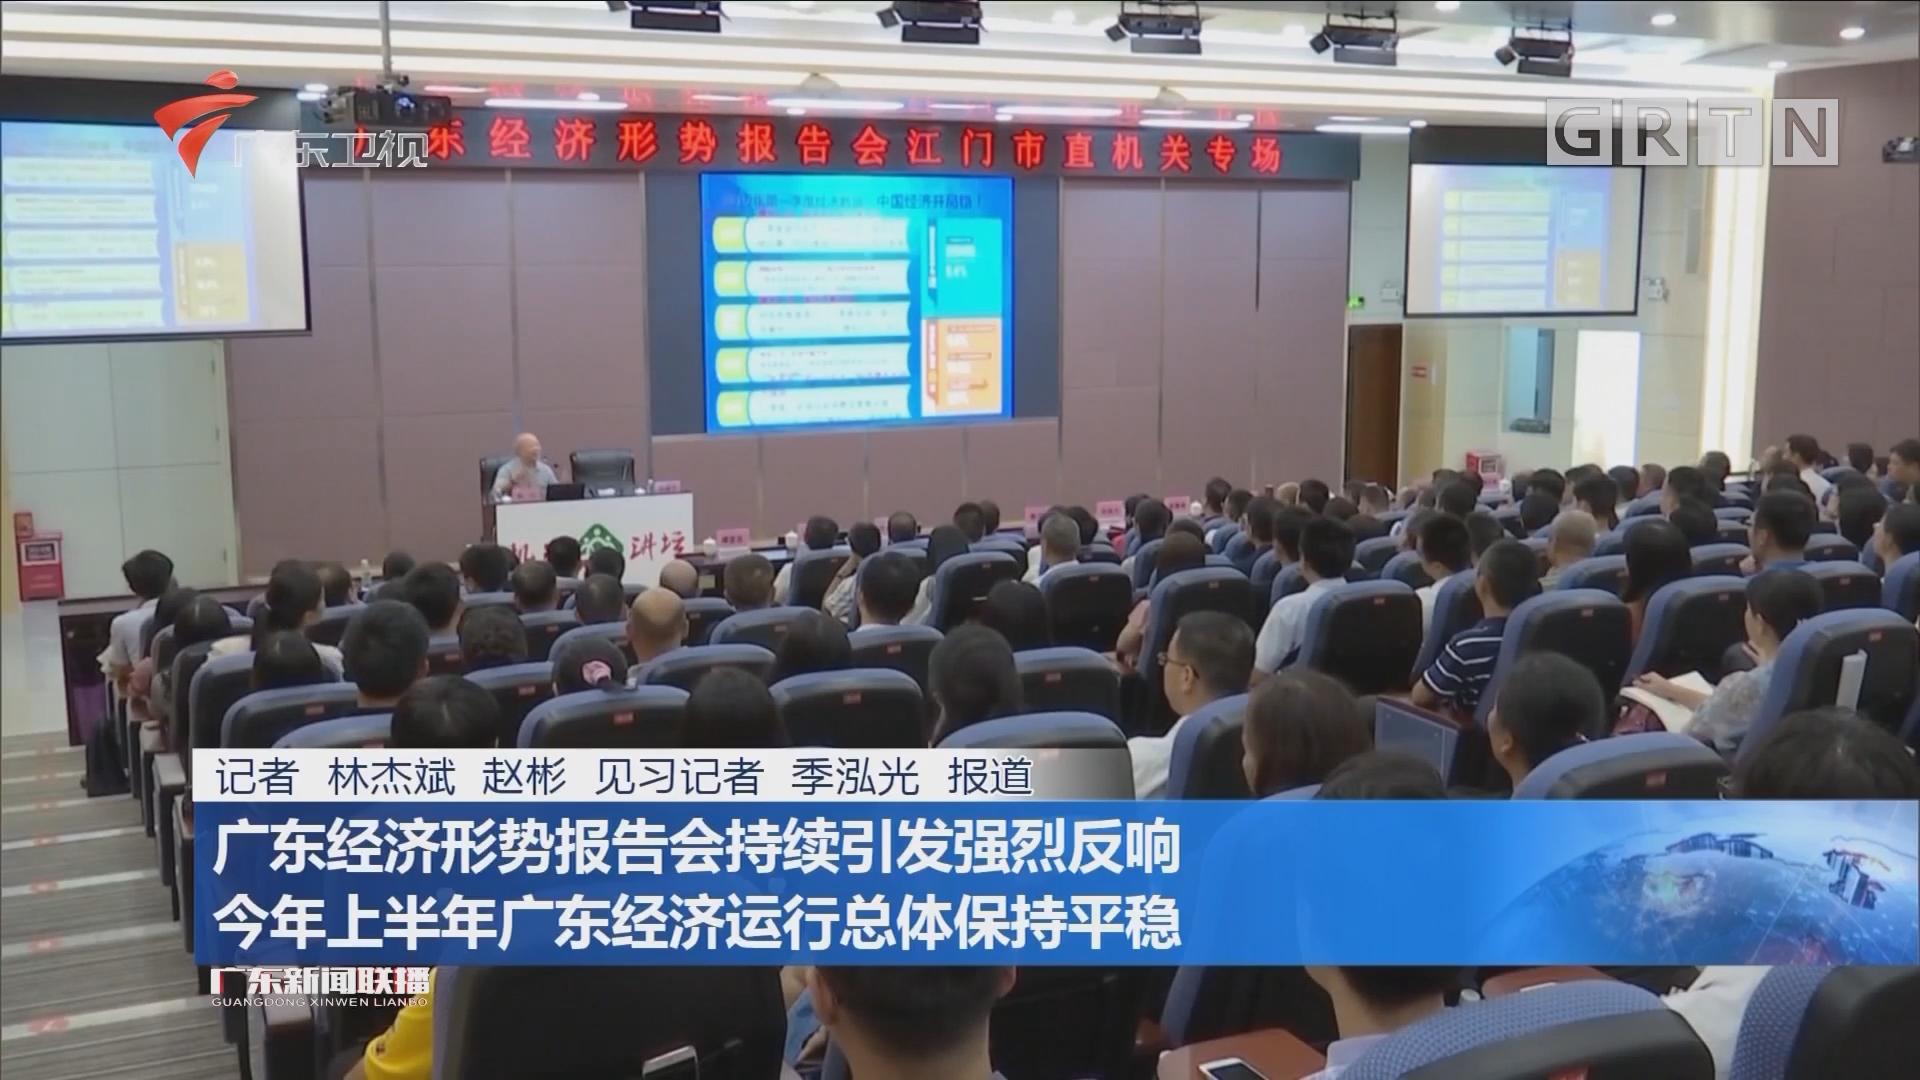 广东经济形势报告会持续引发强烈反响 今年上半年广东经济运行总体保持平稳